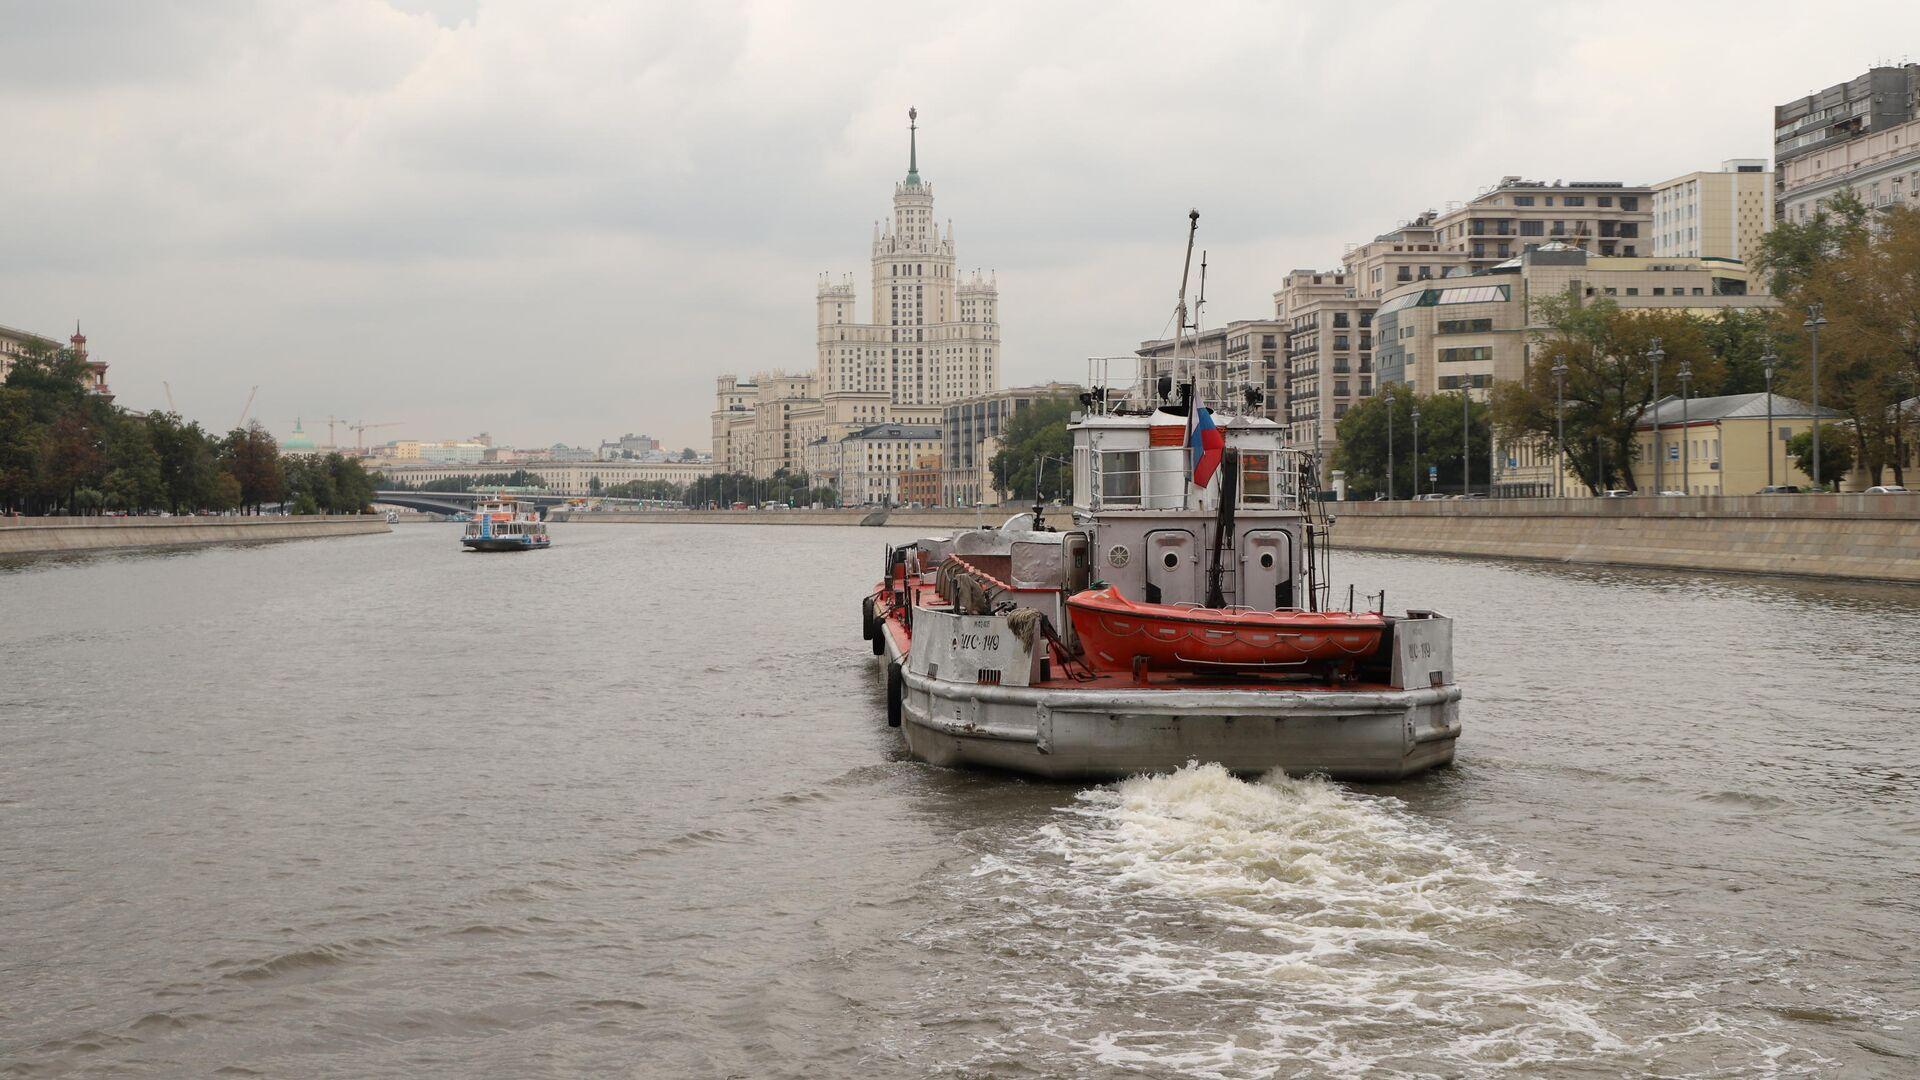 Москва-река - РИА Новости, 1920, 31.07.2019